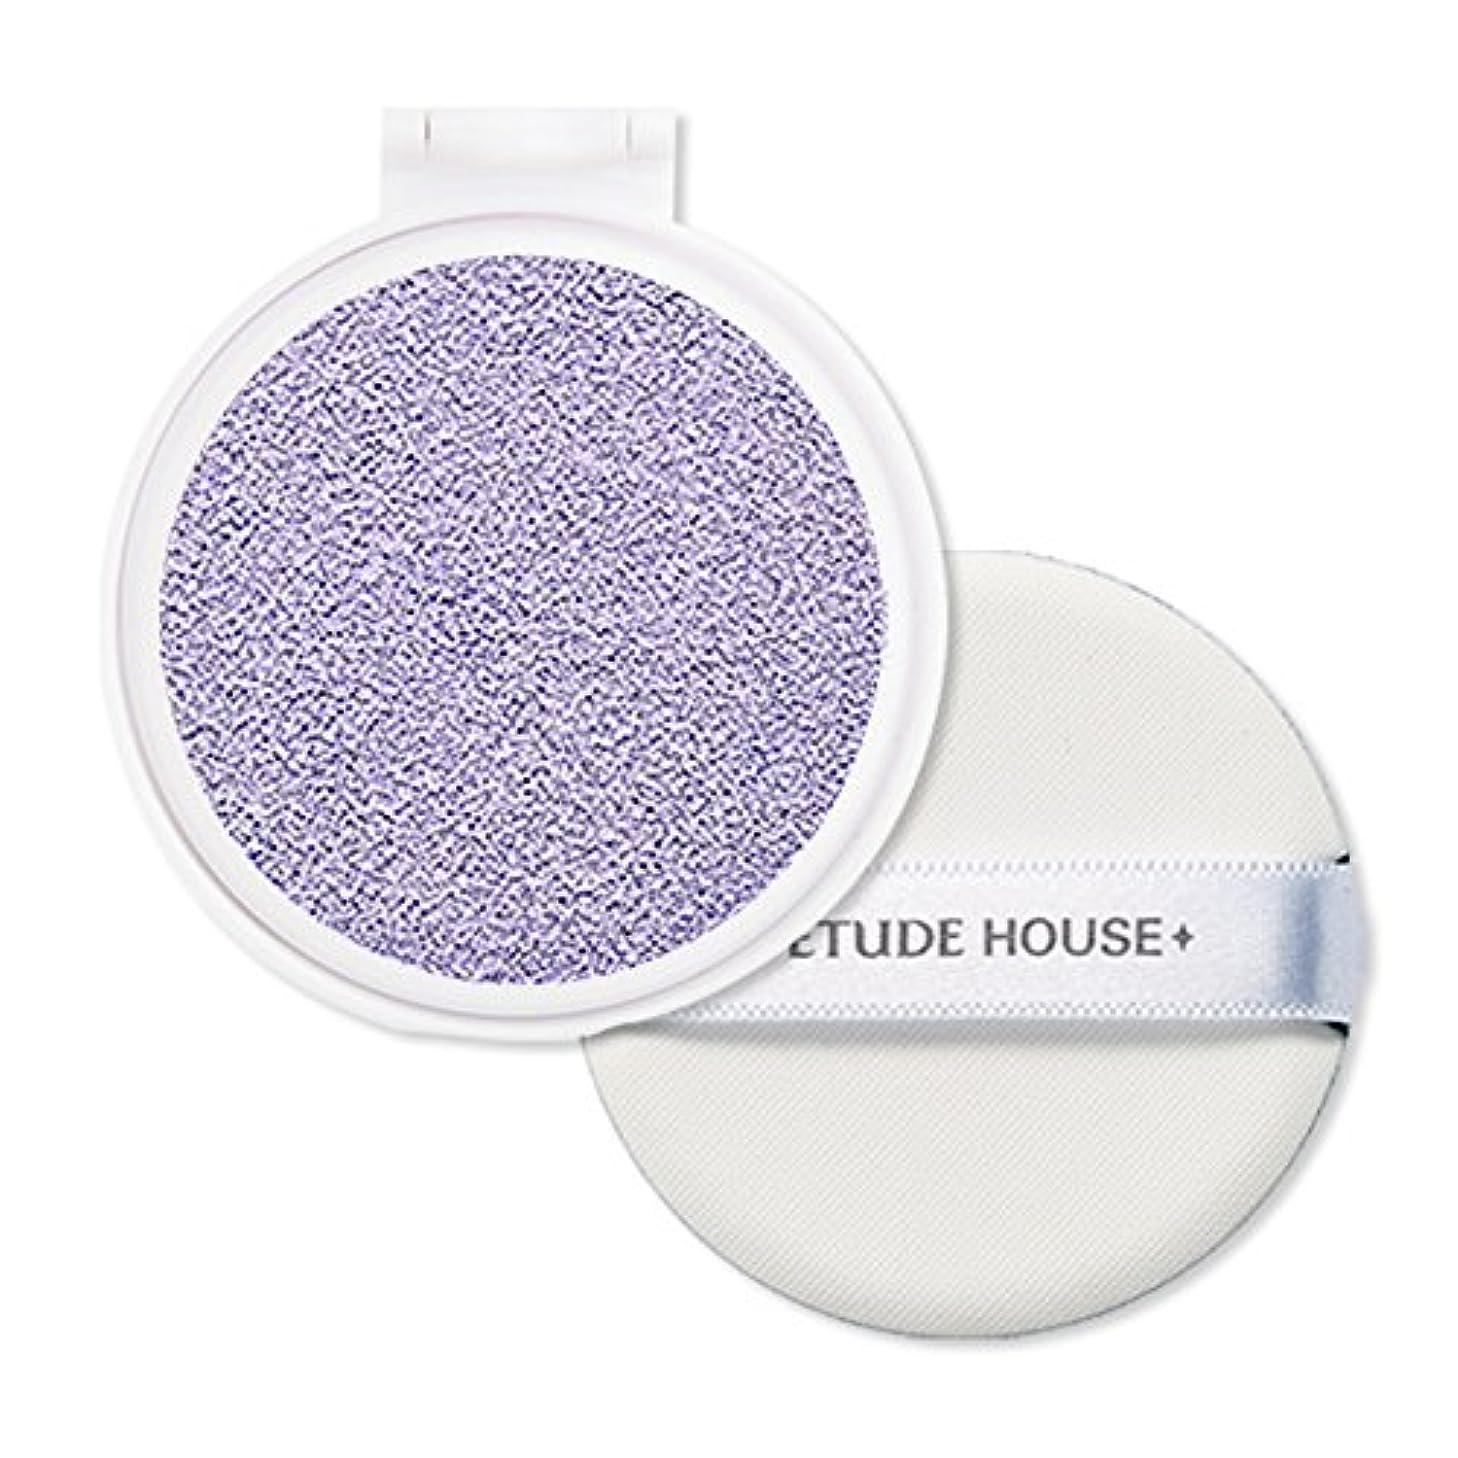 ゲーム製品ネクタイエチュードハウス(ETUDE HOUSE) エニークッション カラーコレクター レフィル Lavender